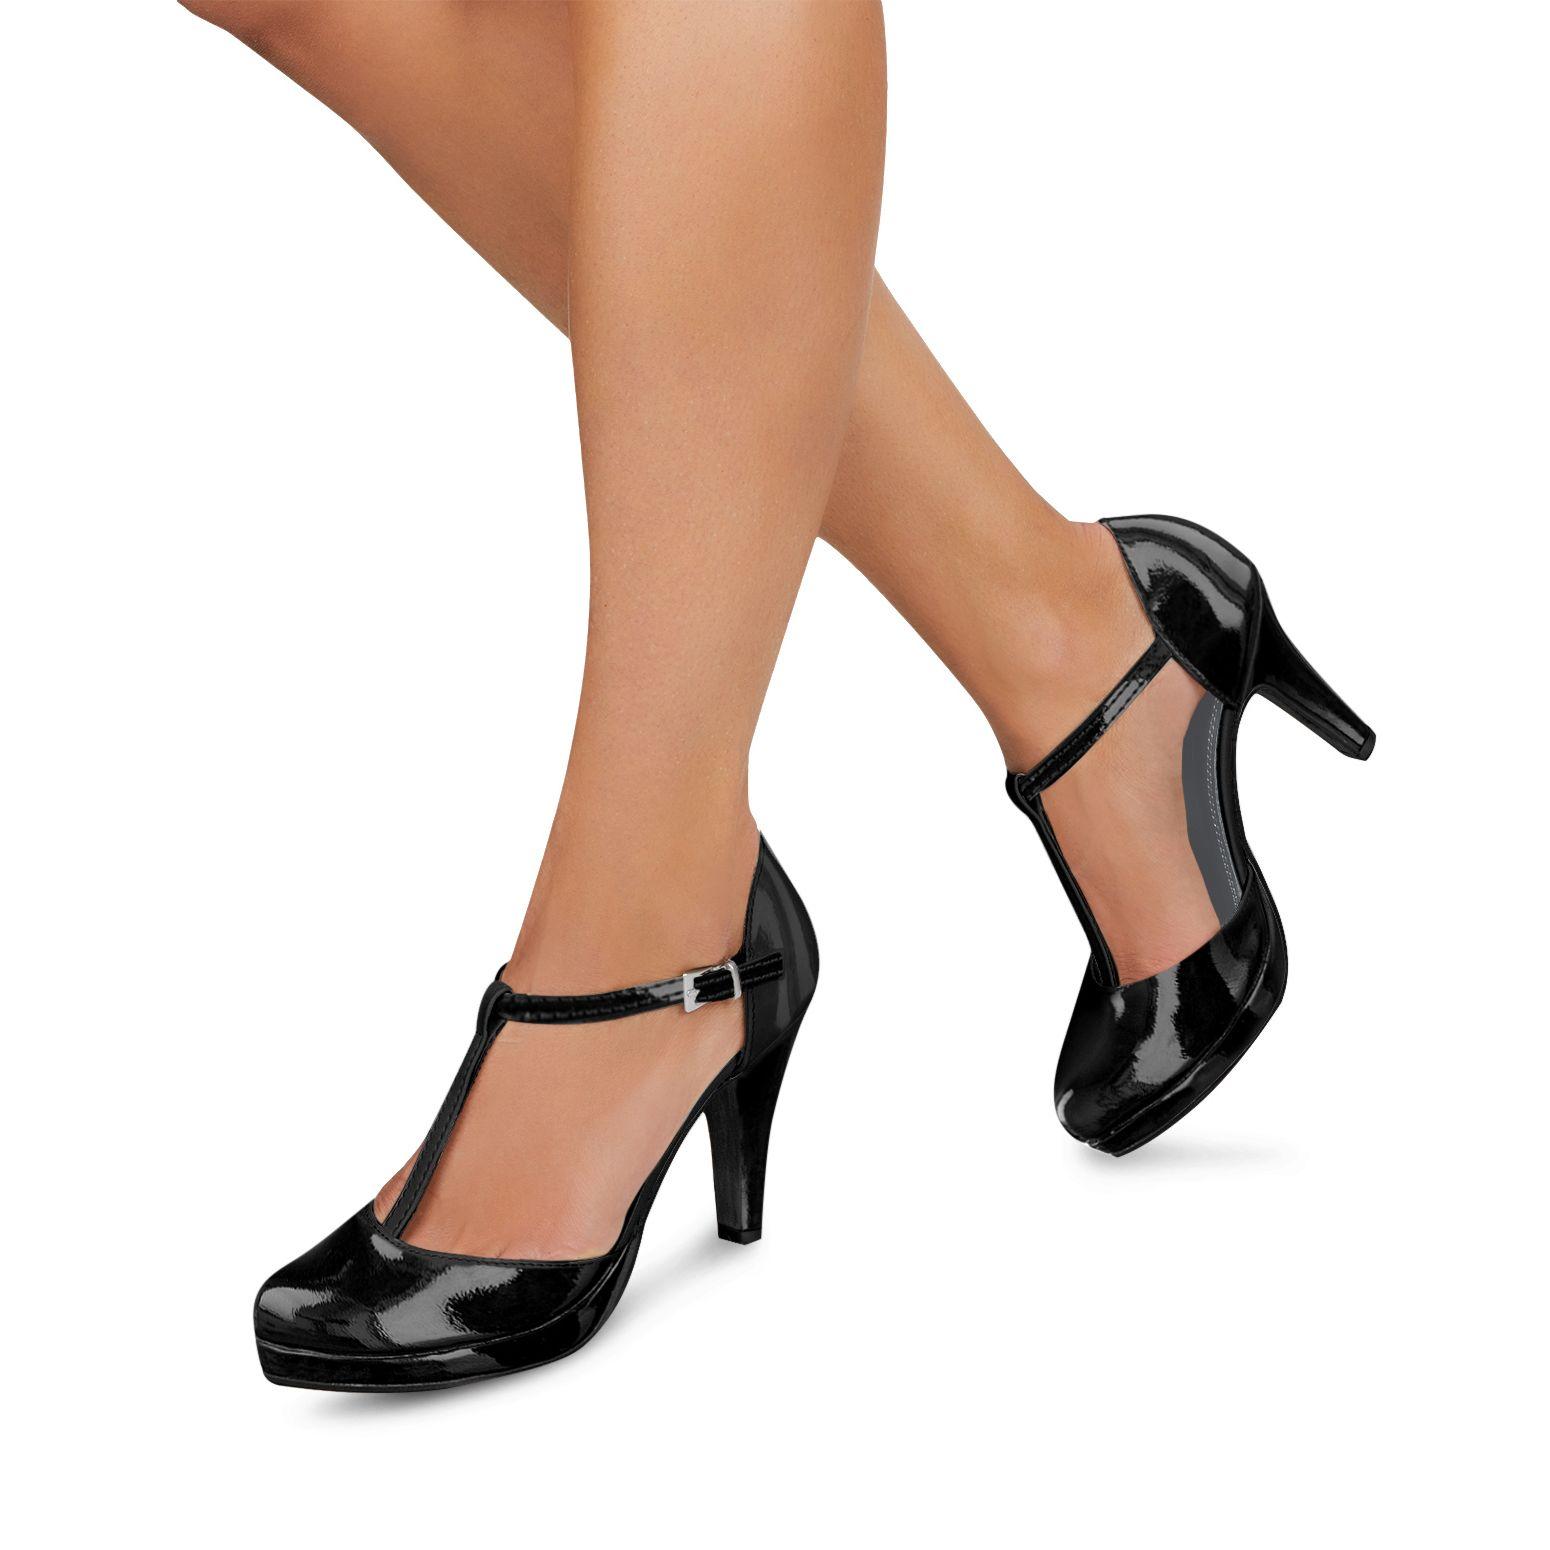 Taggia 2 2 24416 28: High Heels von Marco Tozzi online kaufen!